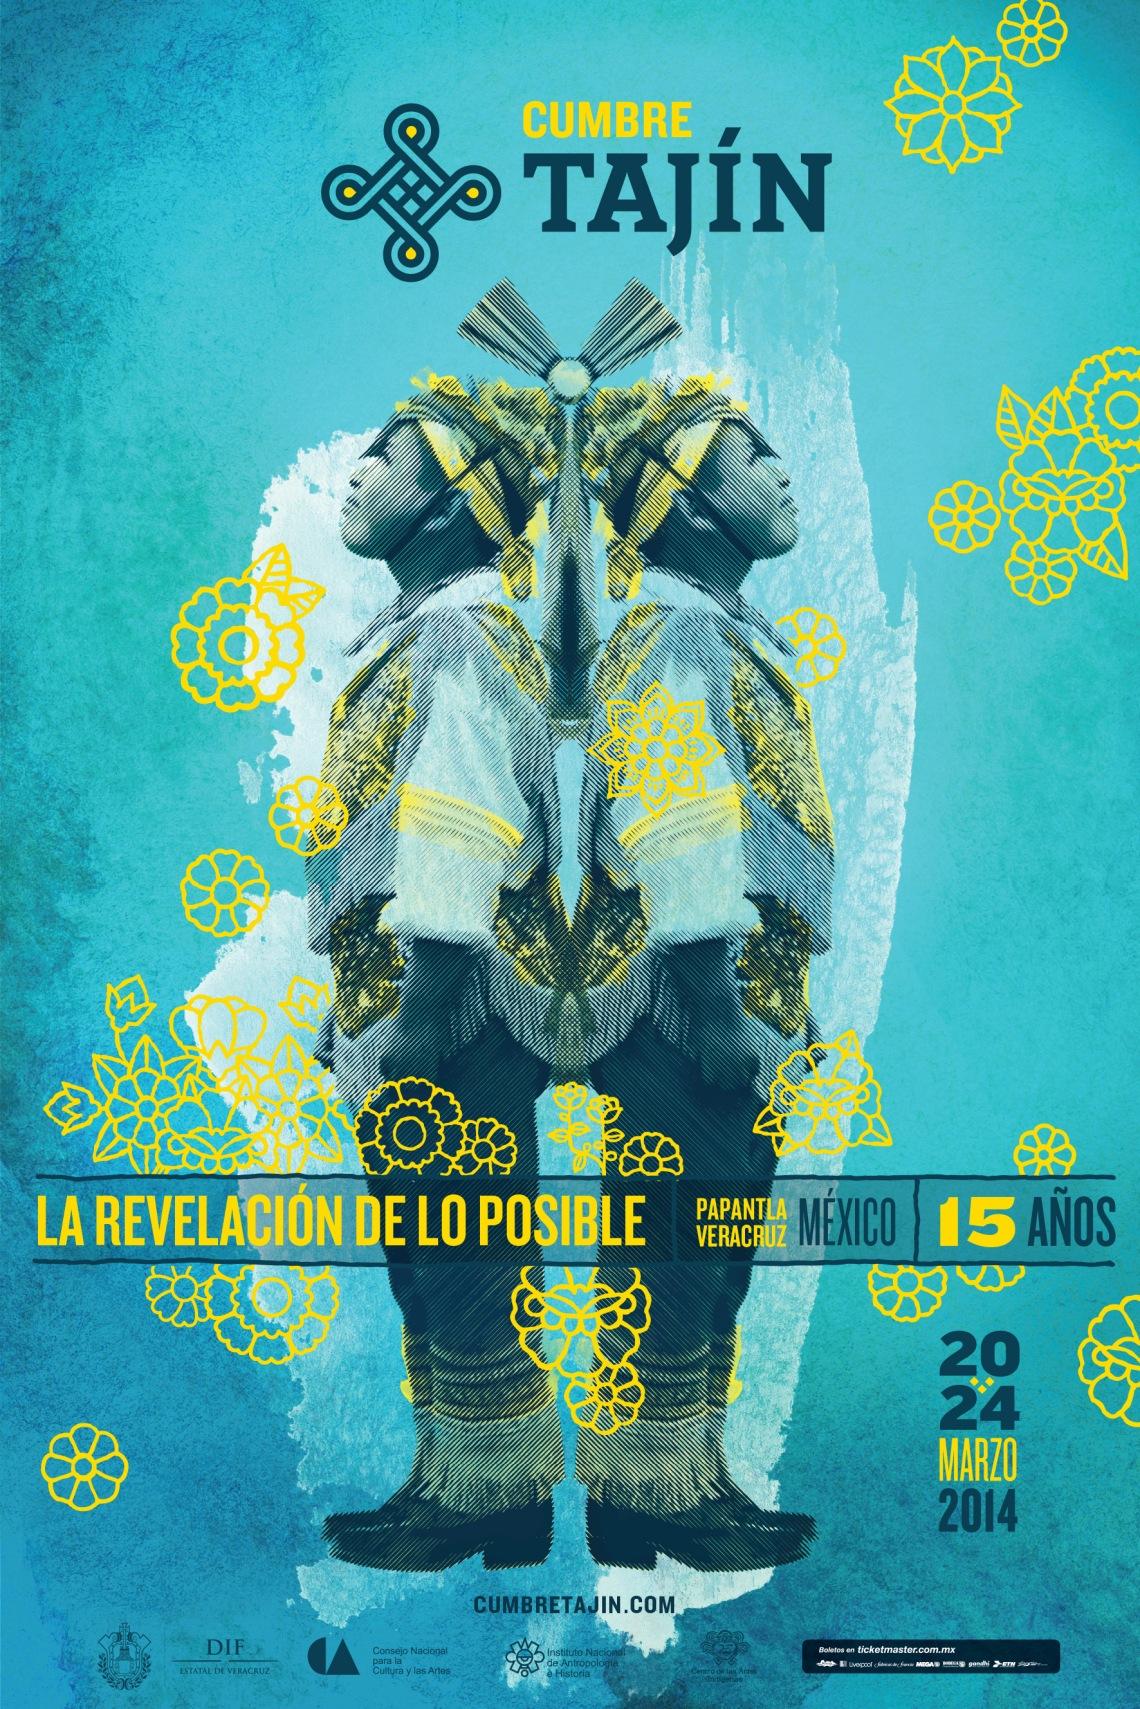 Poster15Años